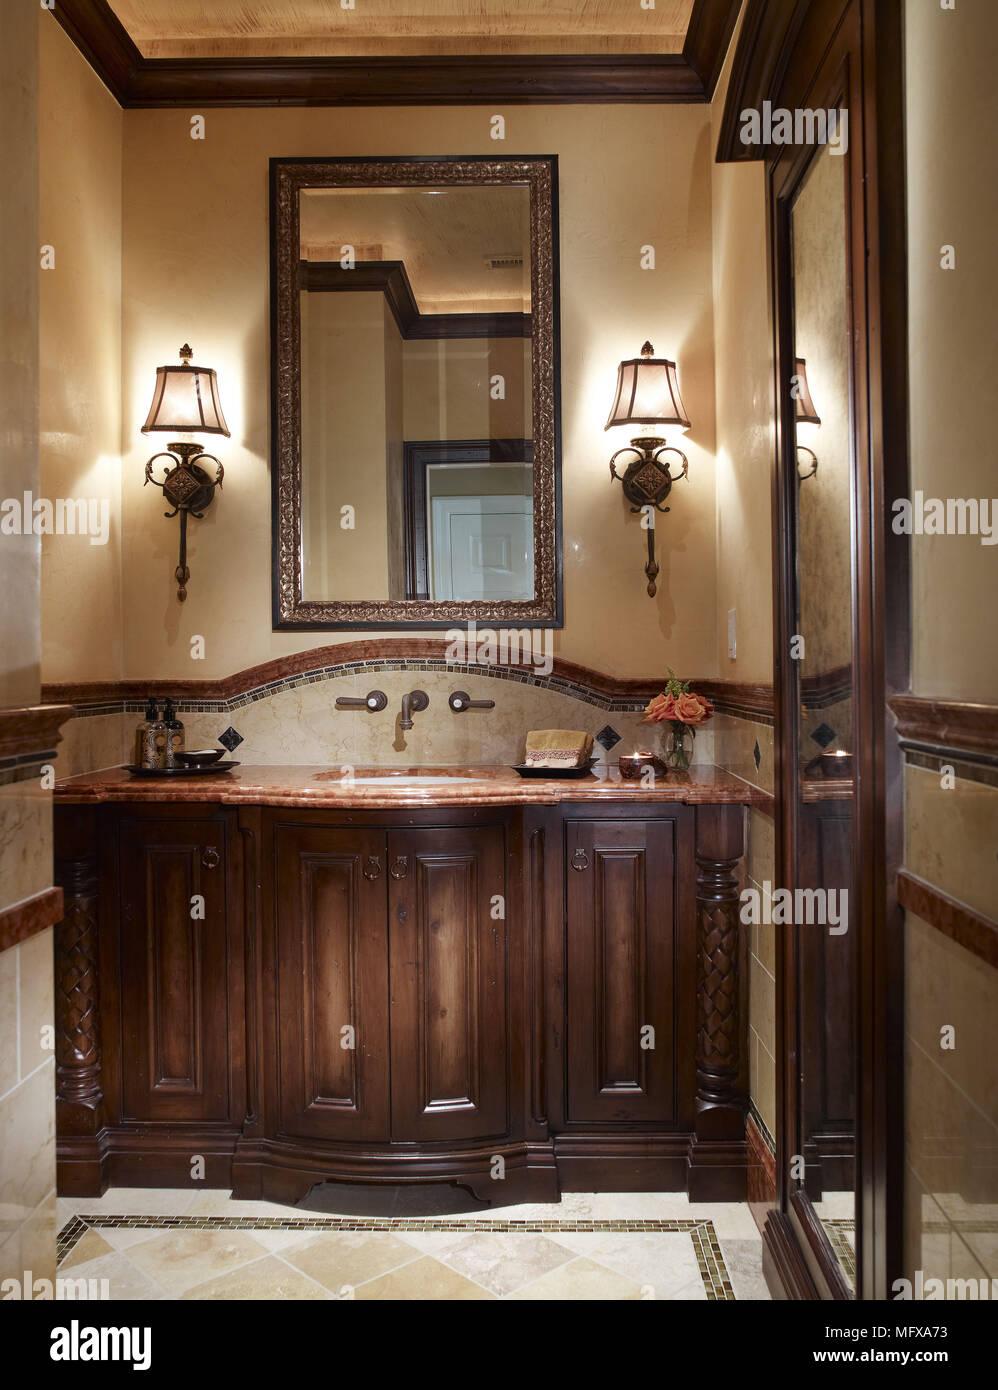 Spiegel über dem Waschbecken Schrank in traditionellen Badezimmer ...